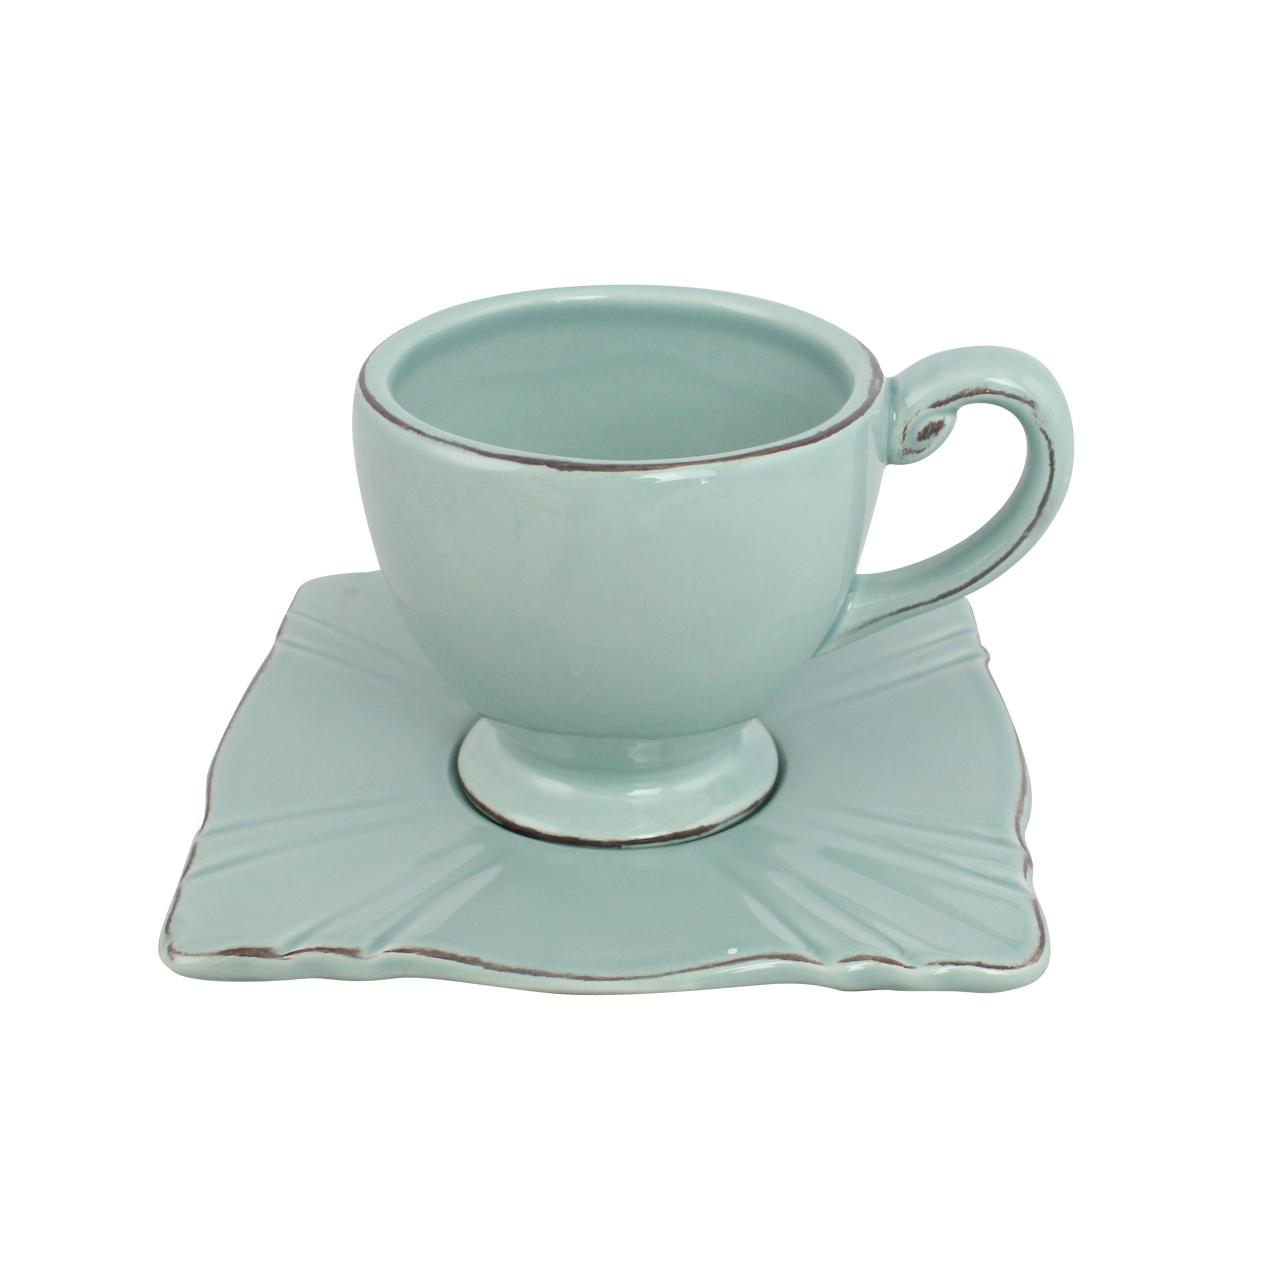 Ceasca Cu Farfurie Din Ceramica Vernil